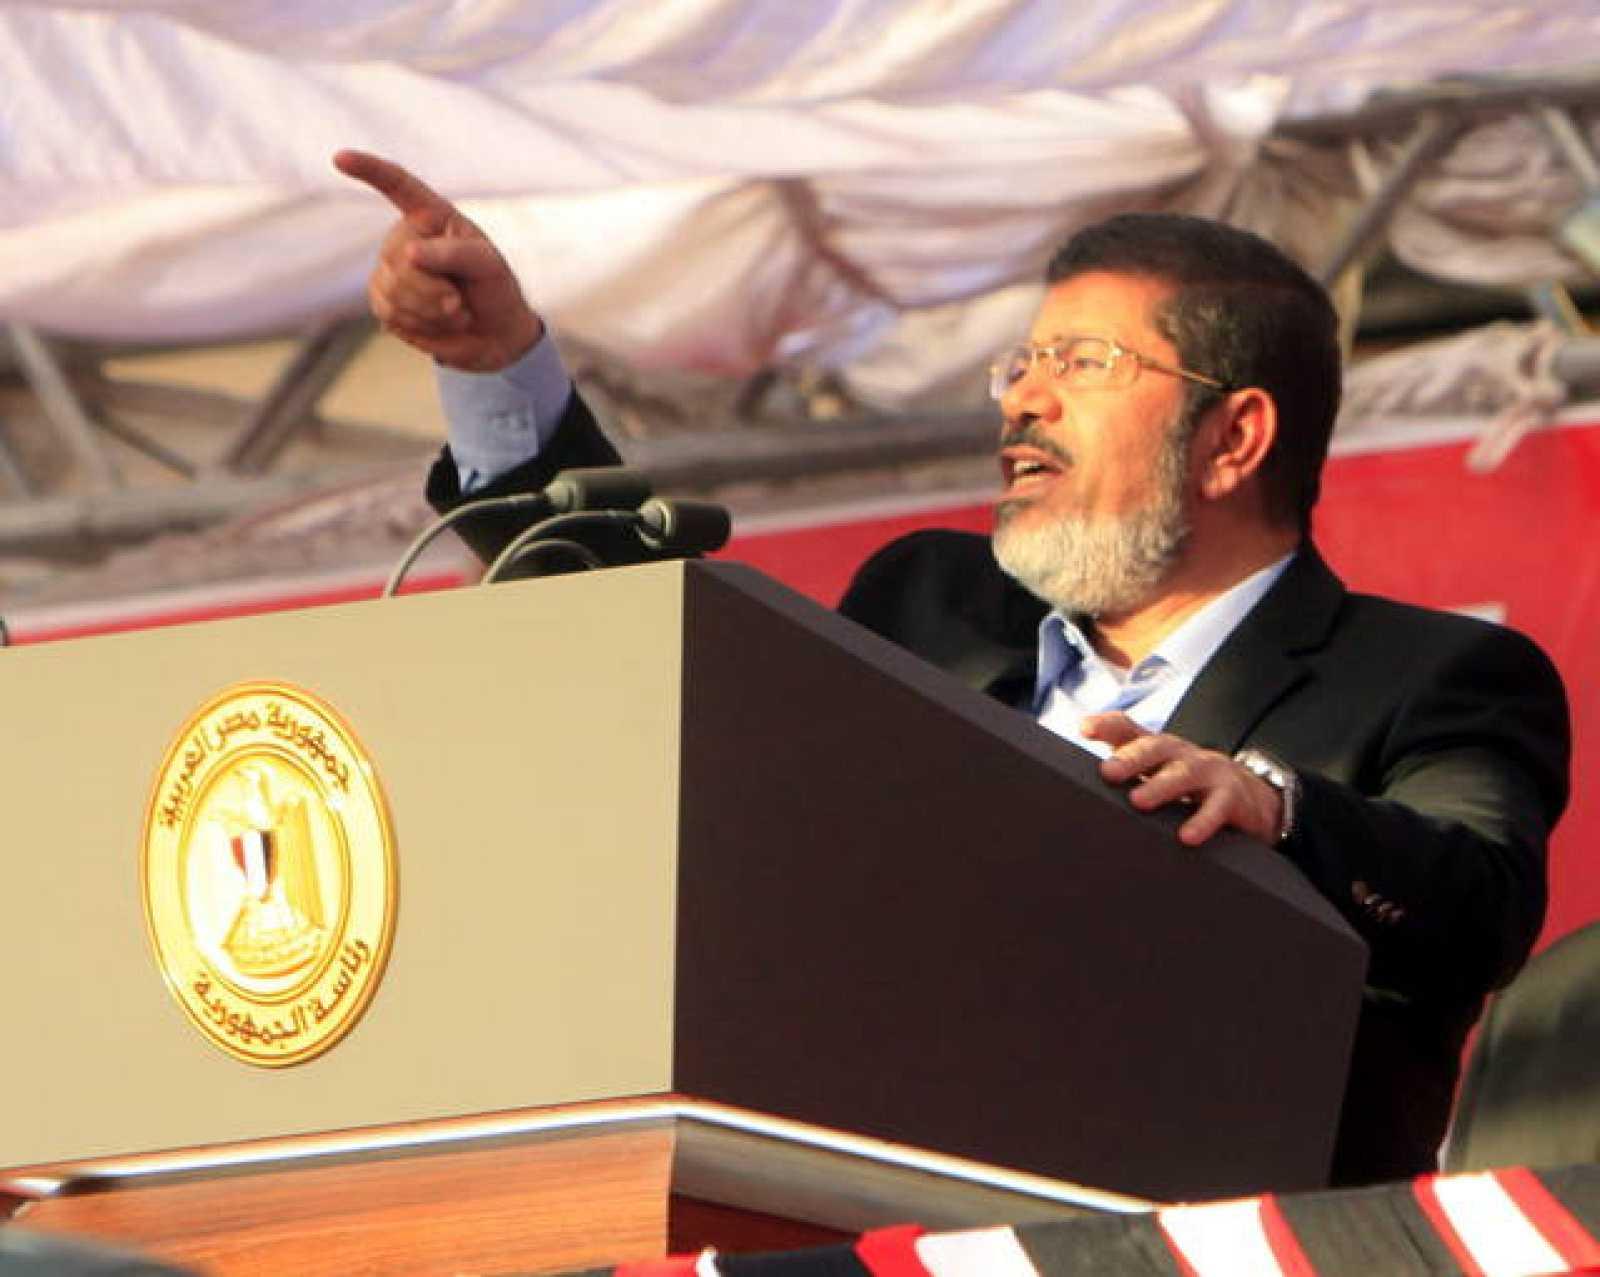 El depuesto presidente de Egipto, Mohamed Morsi, en una imagen de archivo.